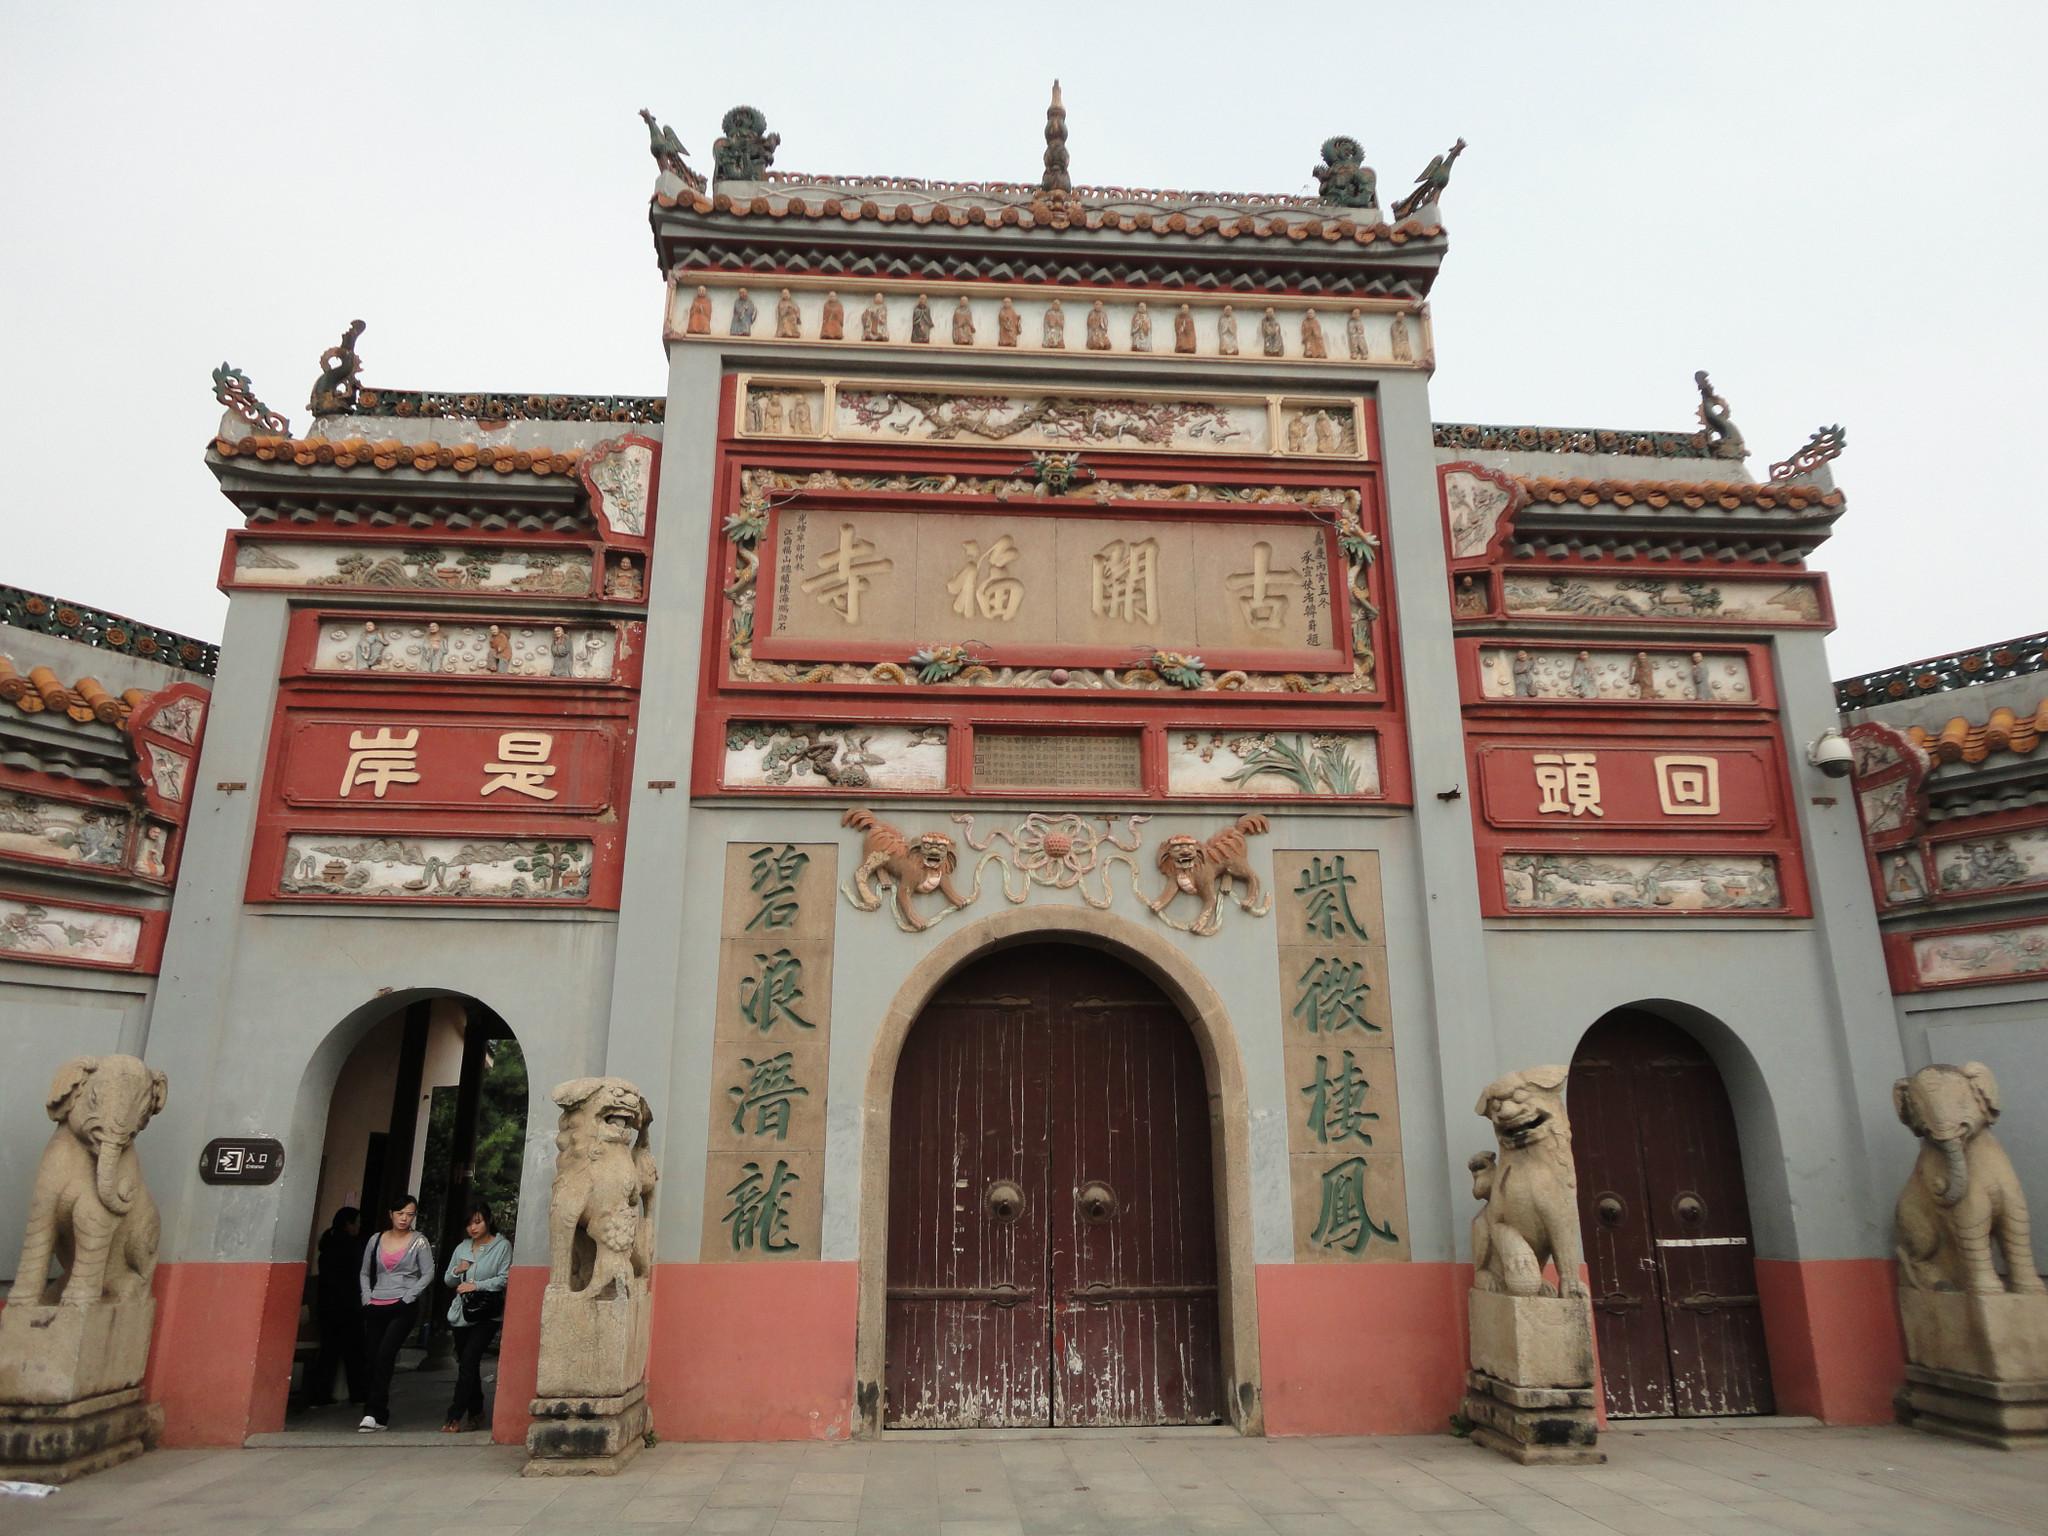 开福区旅游景点,开福区旅游景区,开福区旅游景点推荐